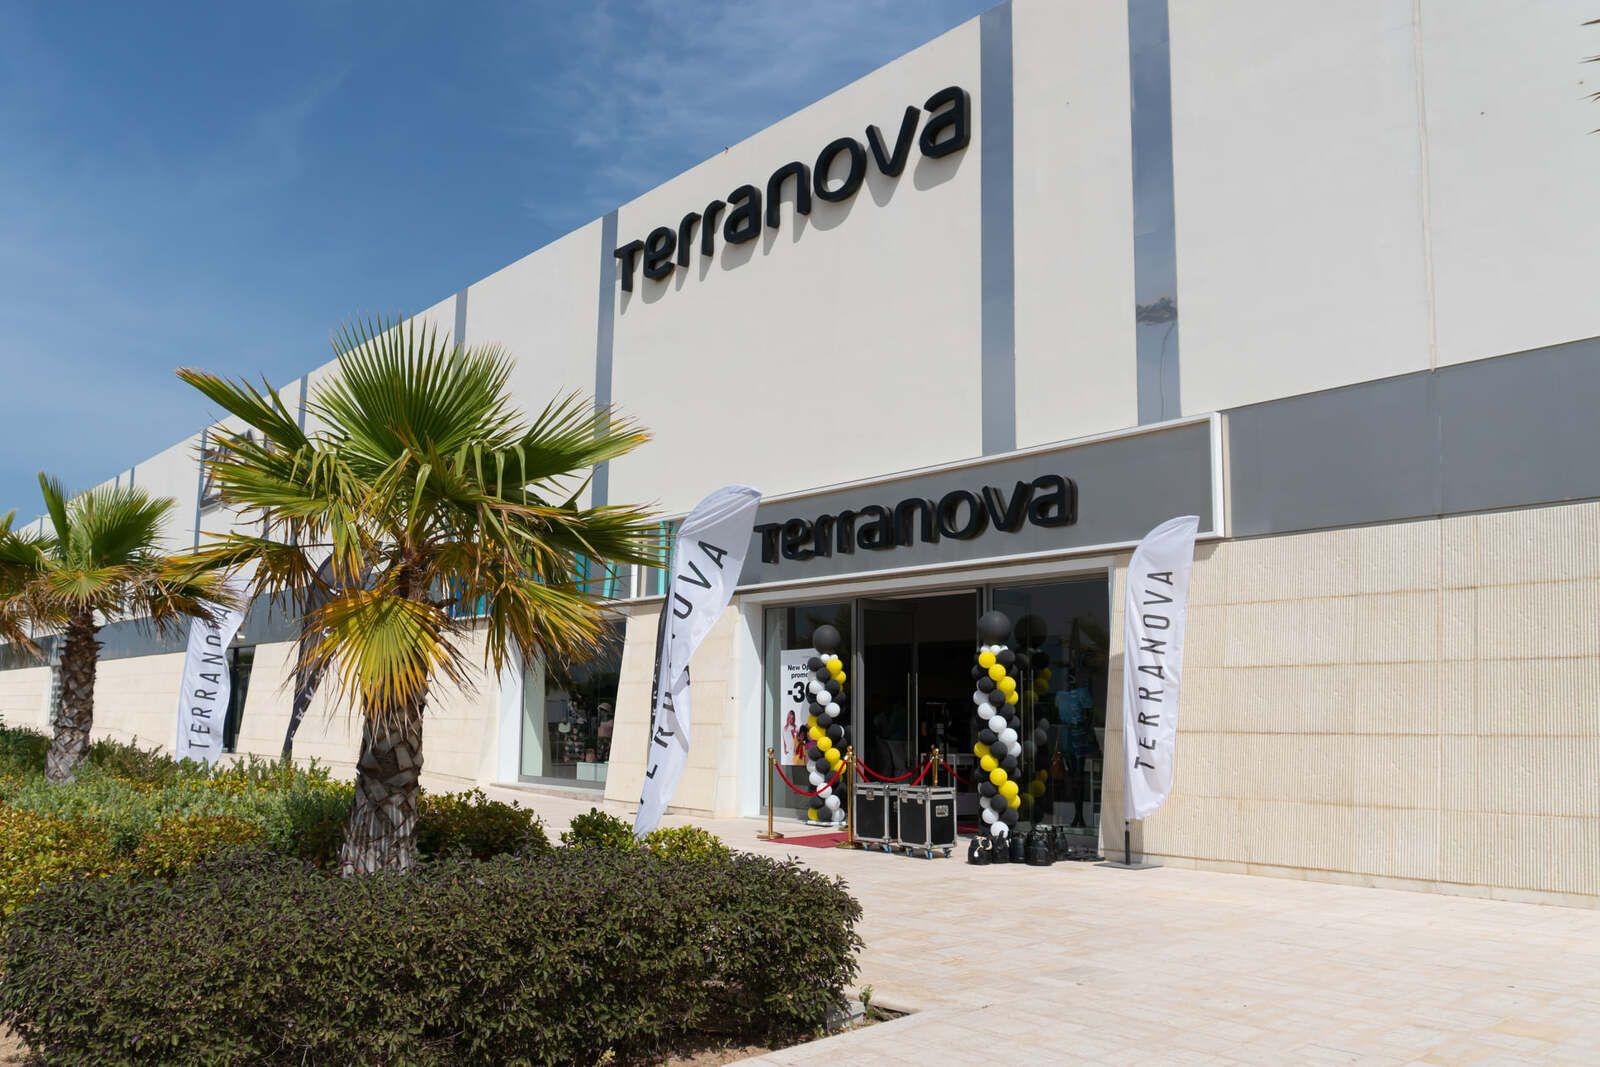 TERRANOVA, enseigne du géant italien Teddy, ouvre sa première boutique de prêt-à-porter en Tunisie, à Tunis City